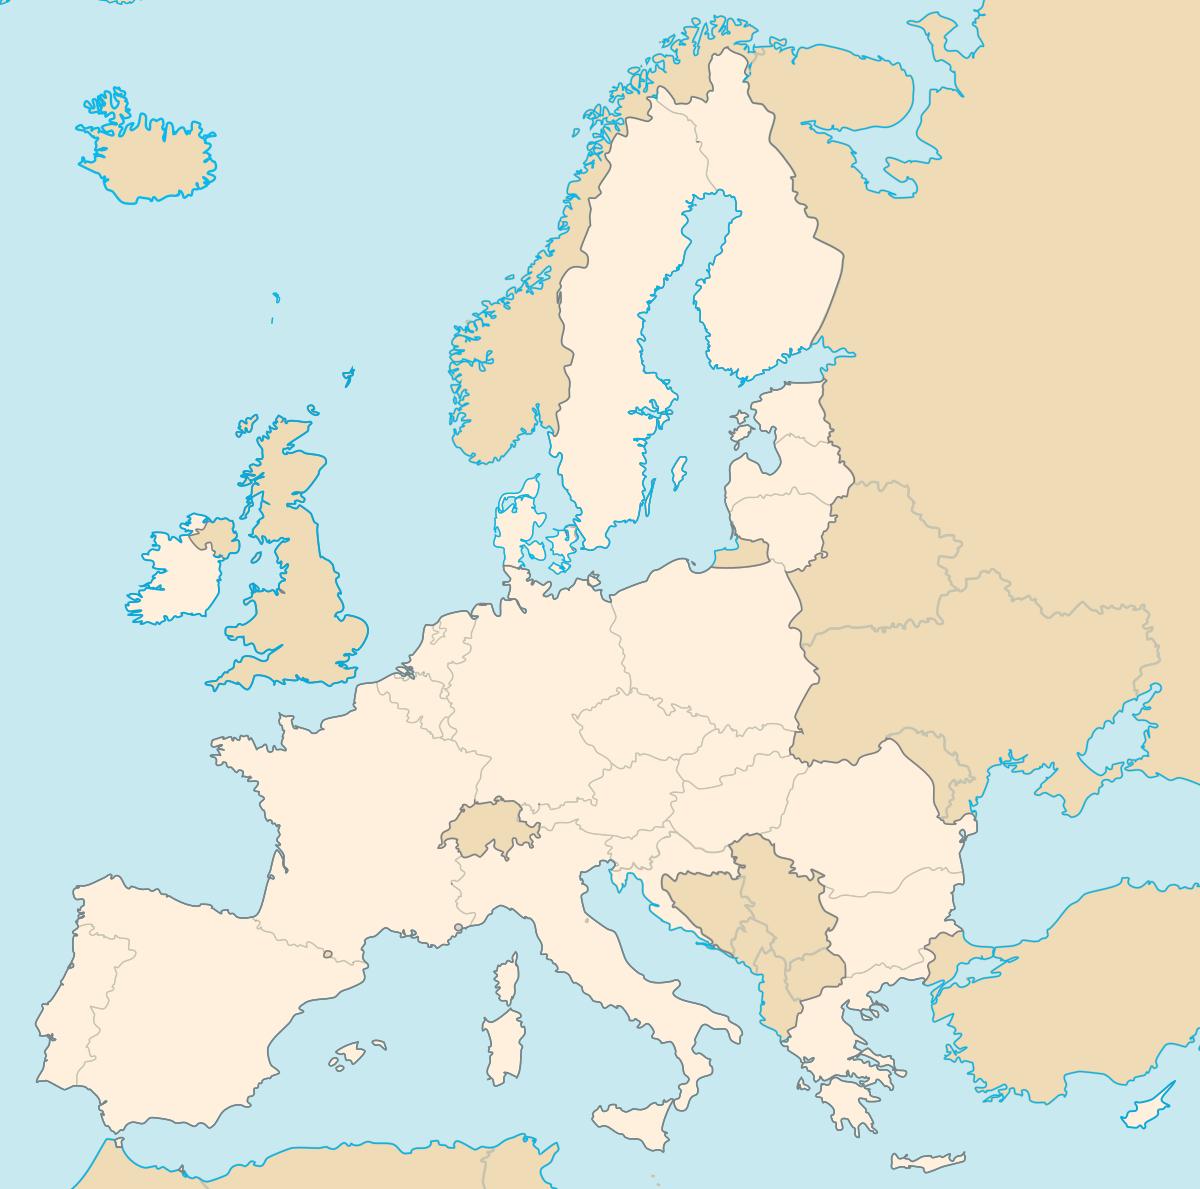 États Membres De L'union Européenne — Wikipédia encequiconcerne Pays D Europe Et Capitales